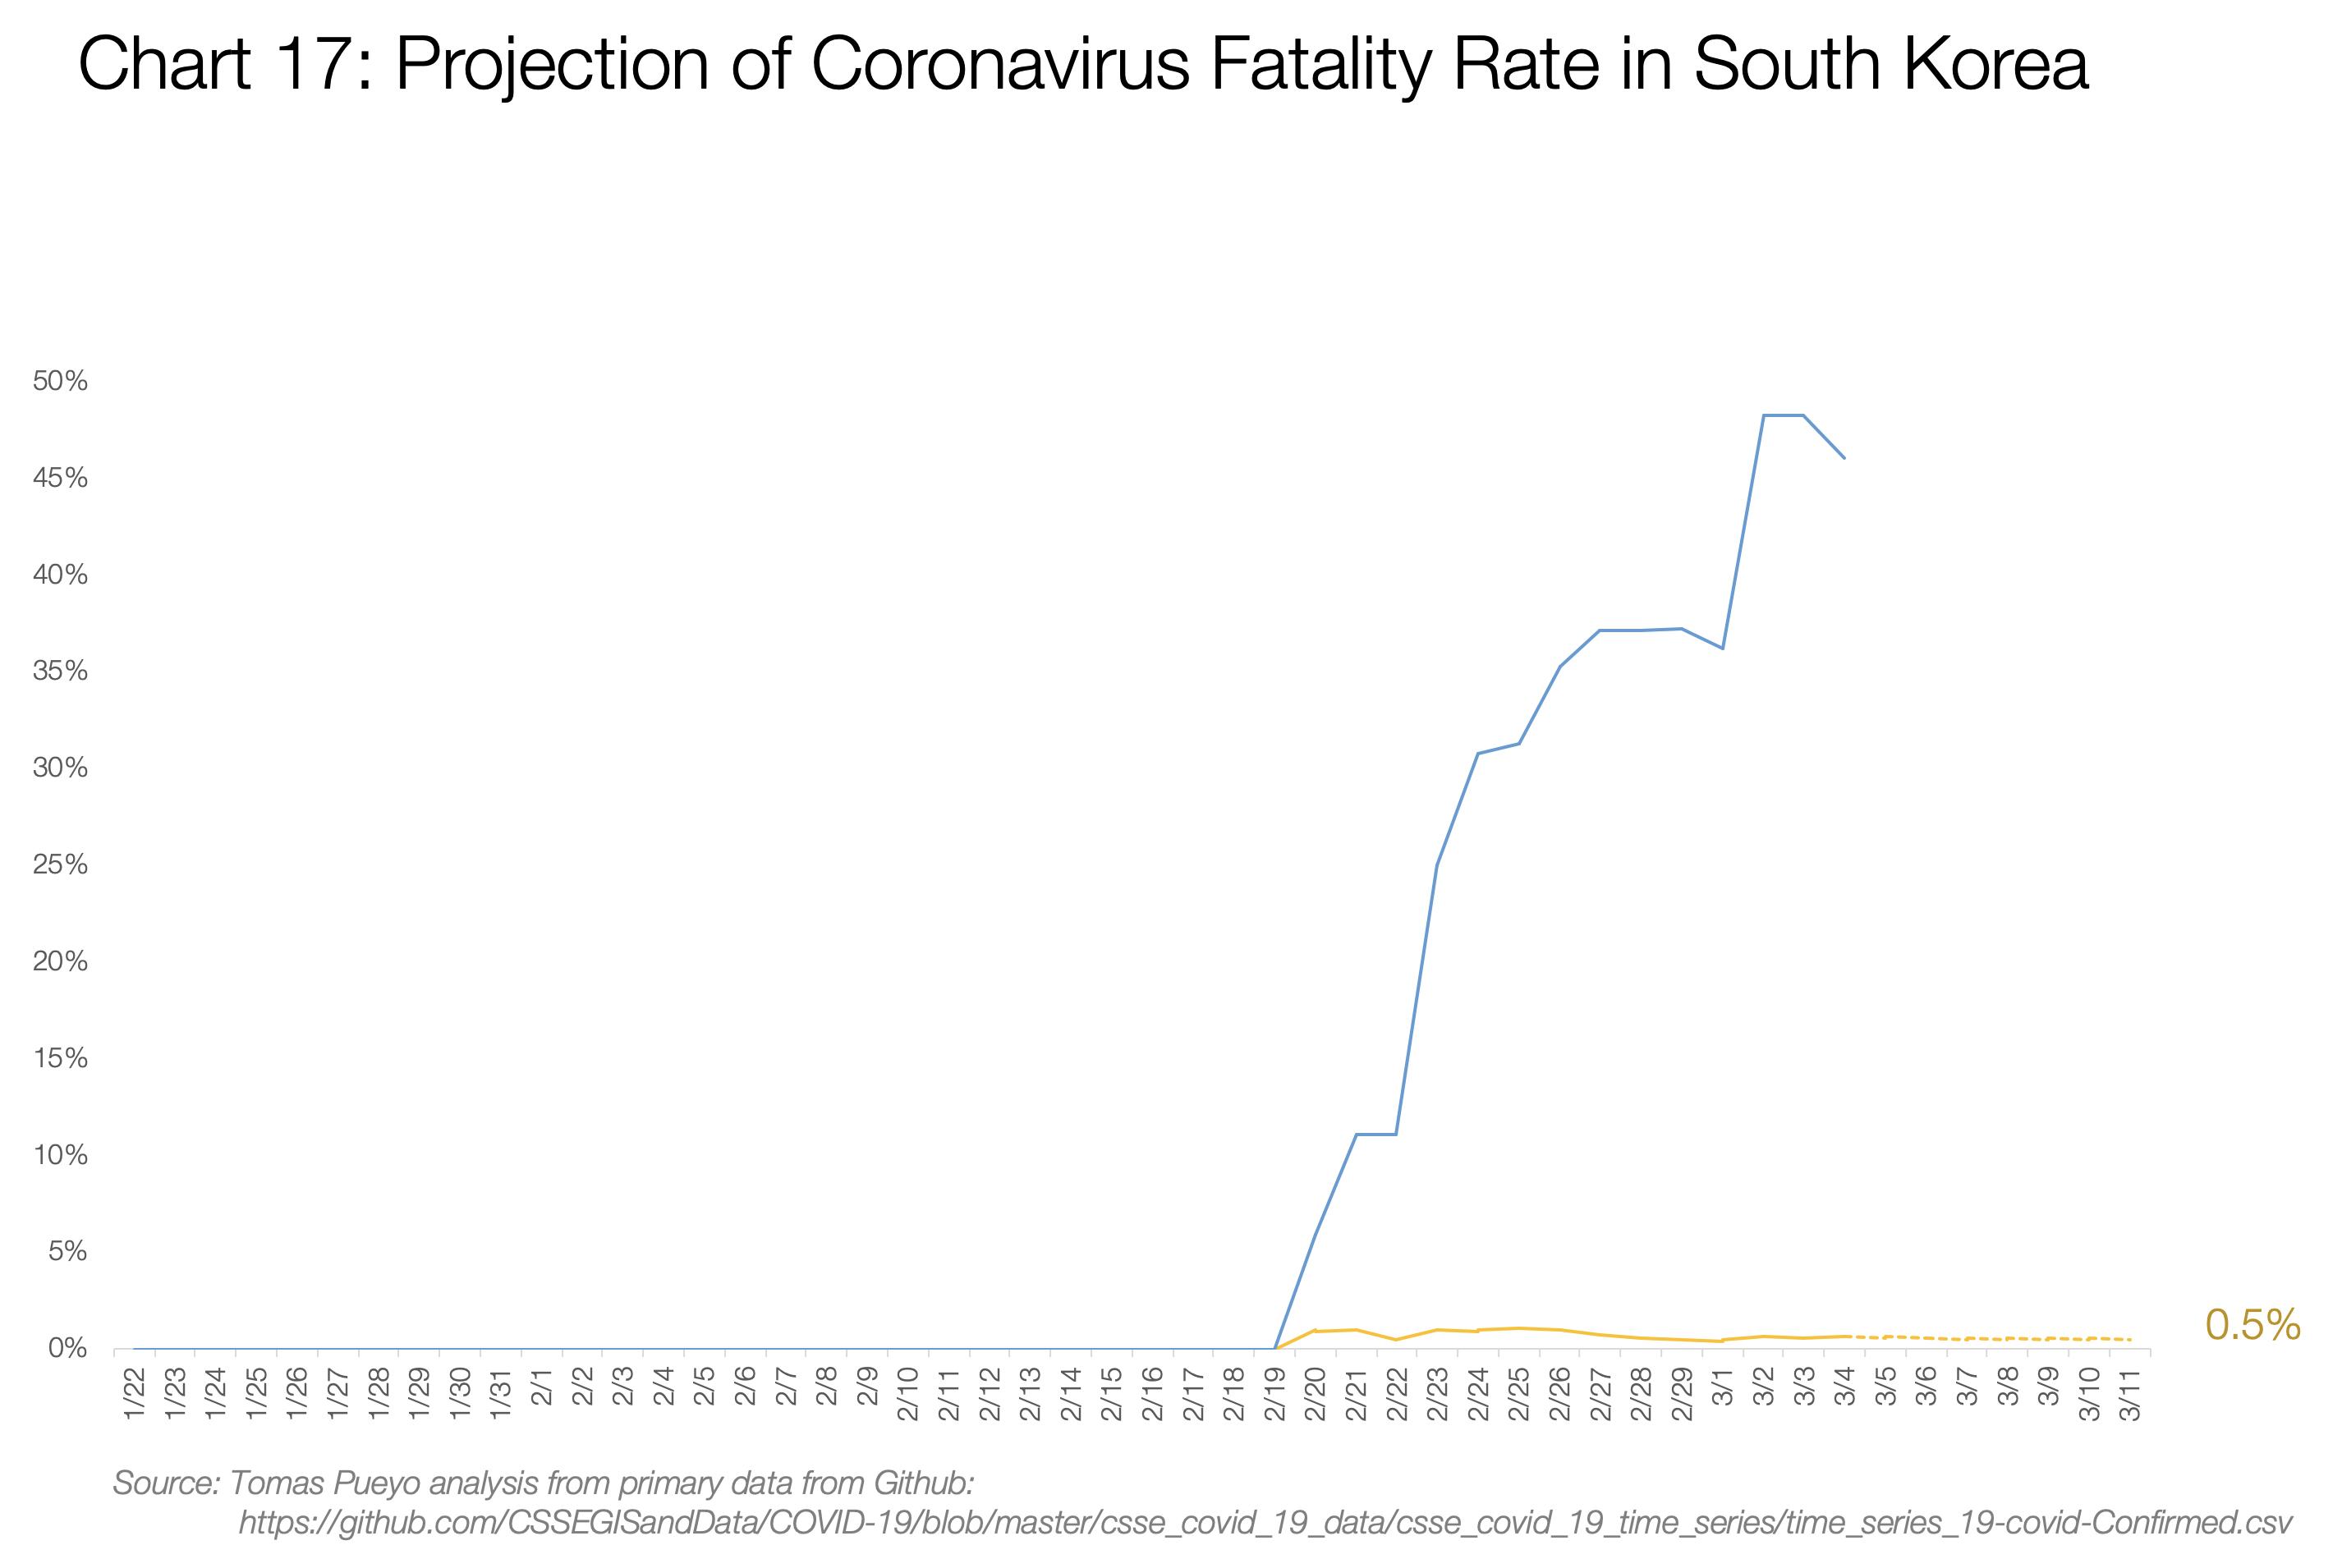 پیش بینی نرخ مرگ و میر در کره جنوبی